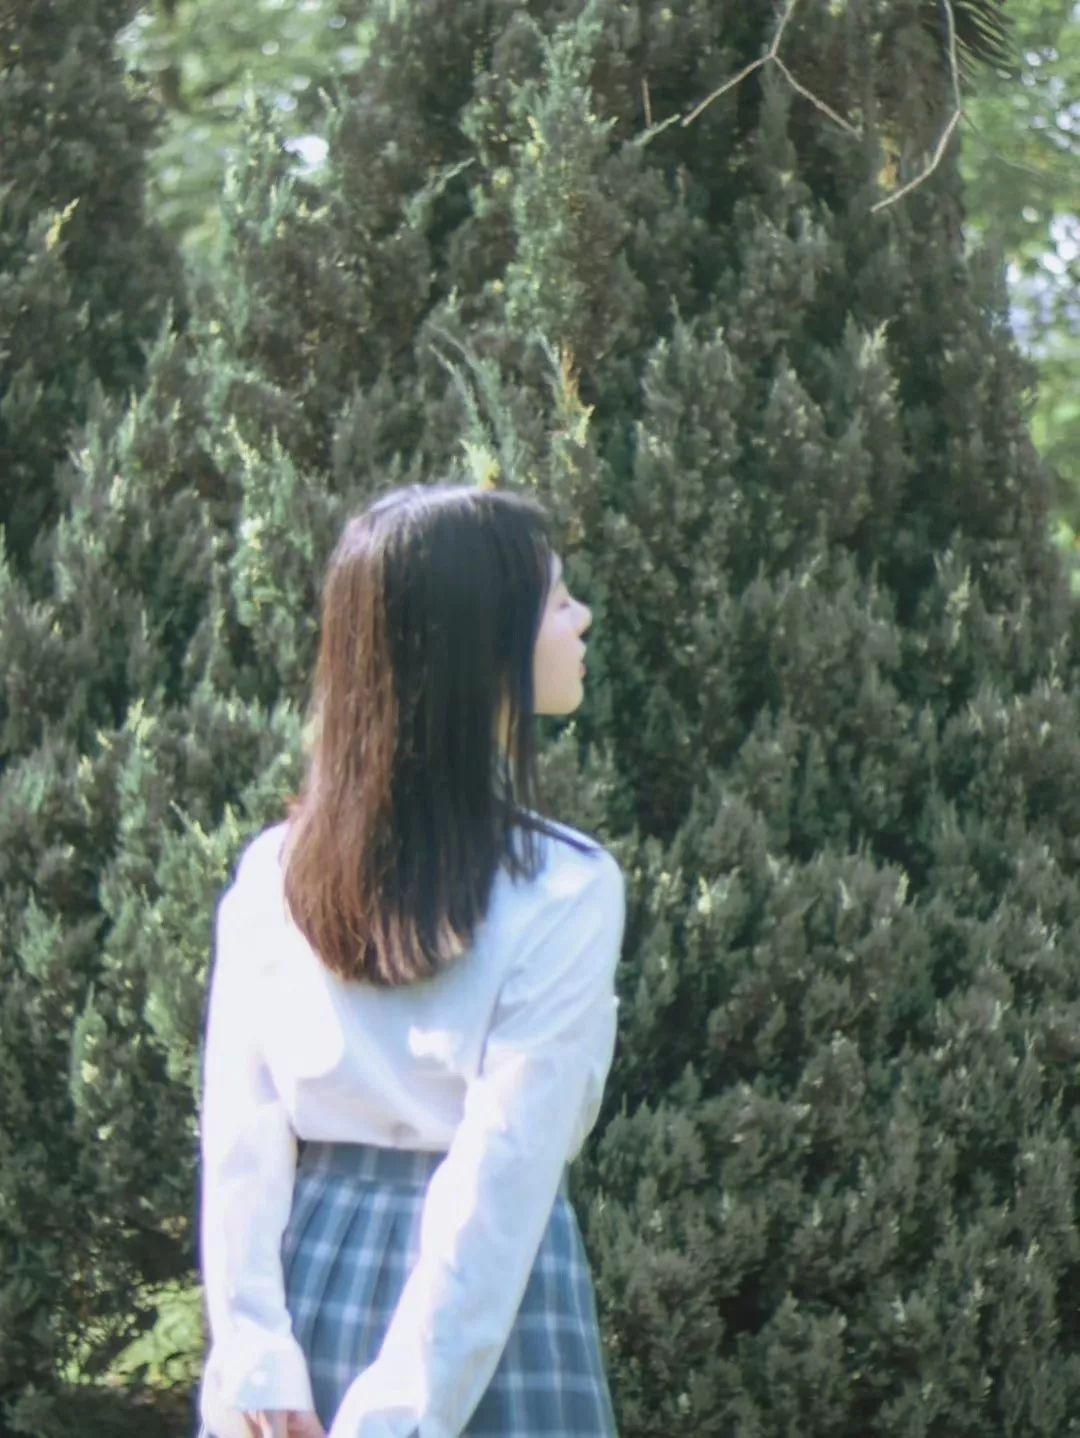 武汉阳光不锈摄影有限公司 (武汉市江岸区胜利街135-... - 名录集